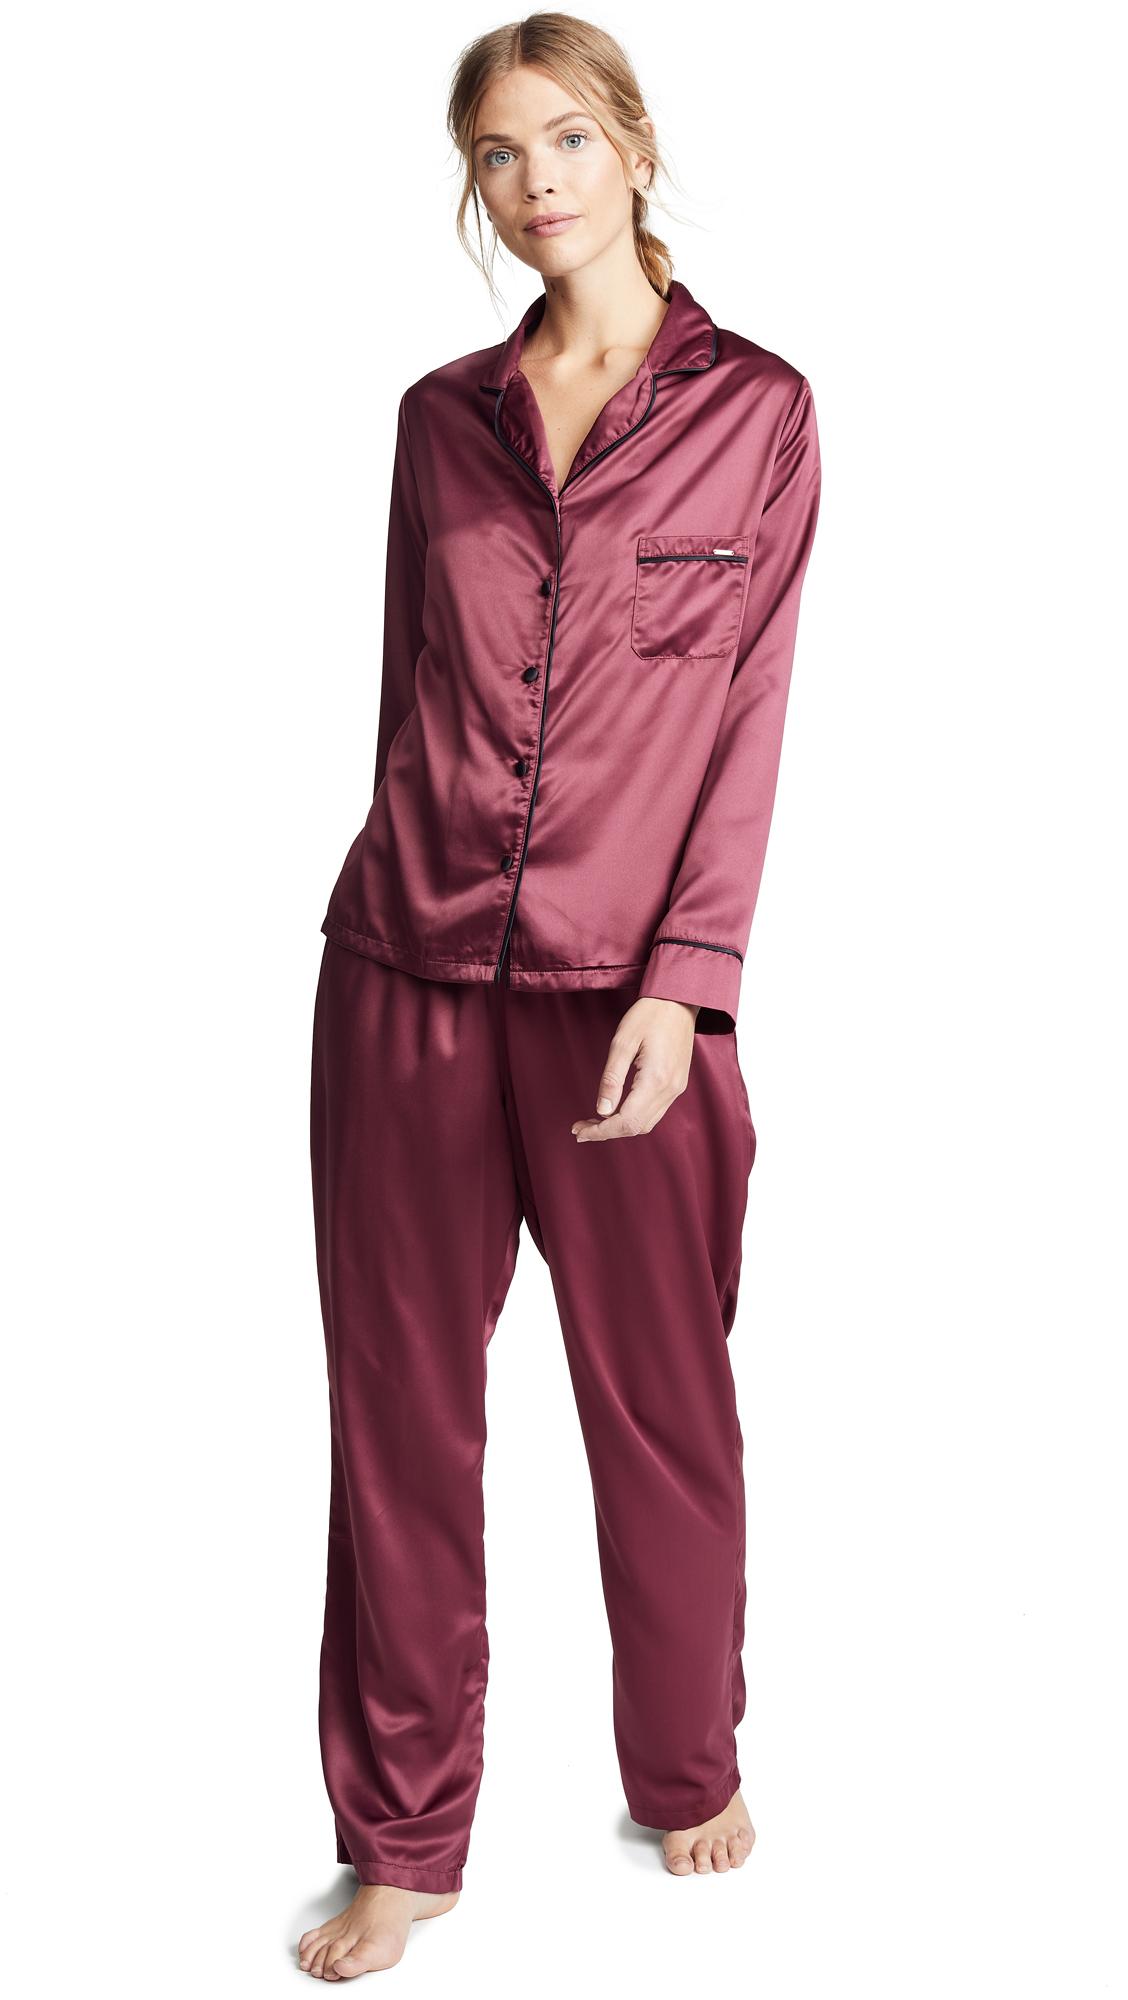 Bluebella Claudia Shirt and Pant Set - Cordovan/Black